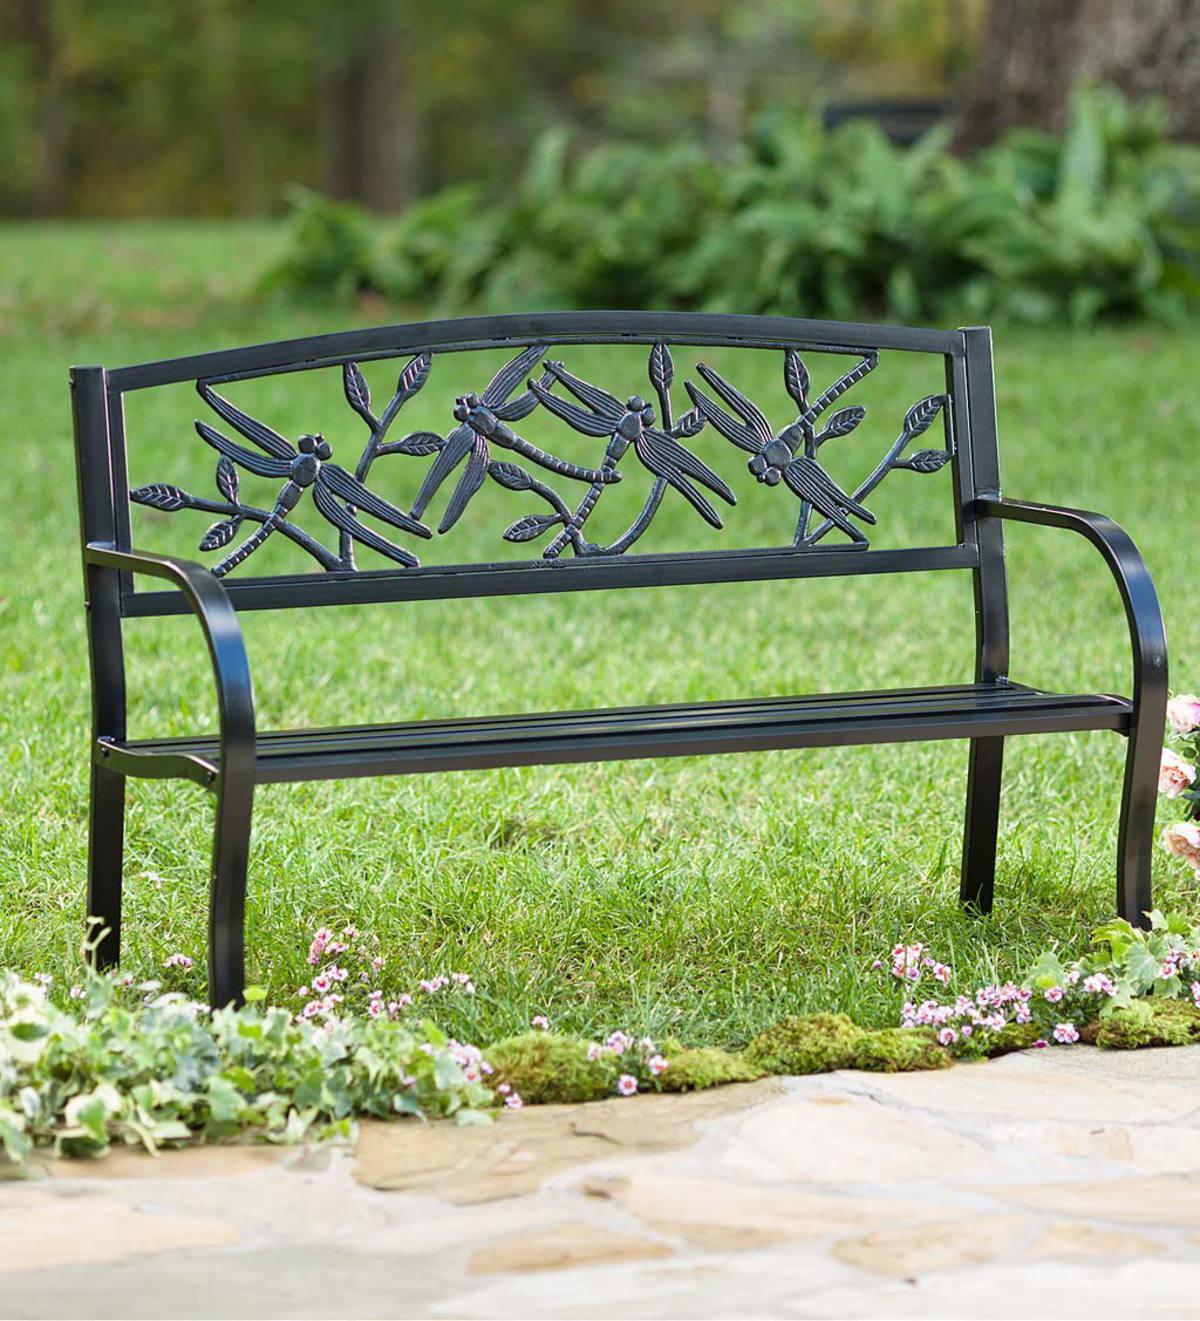 Dragonfly Metal Garden Bench Regarding Celtic Knot Iron Garden Benches (View 17 of 25)